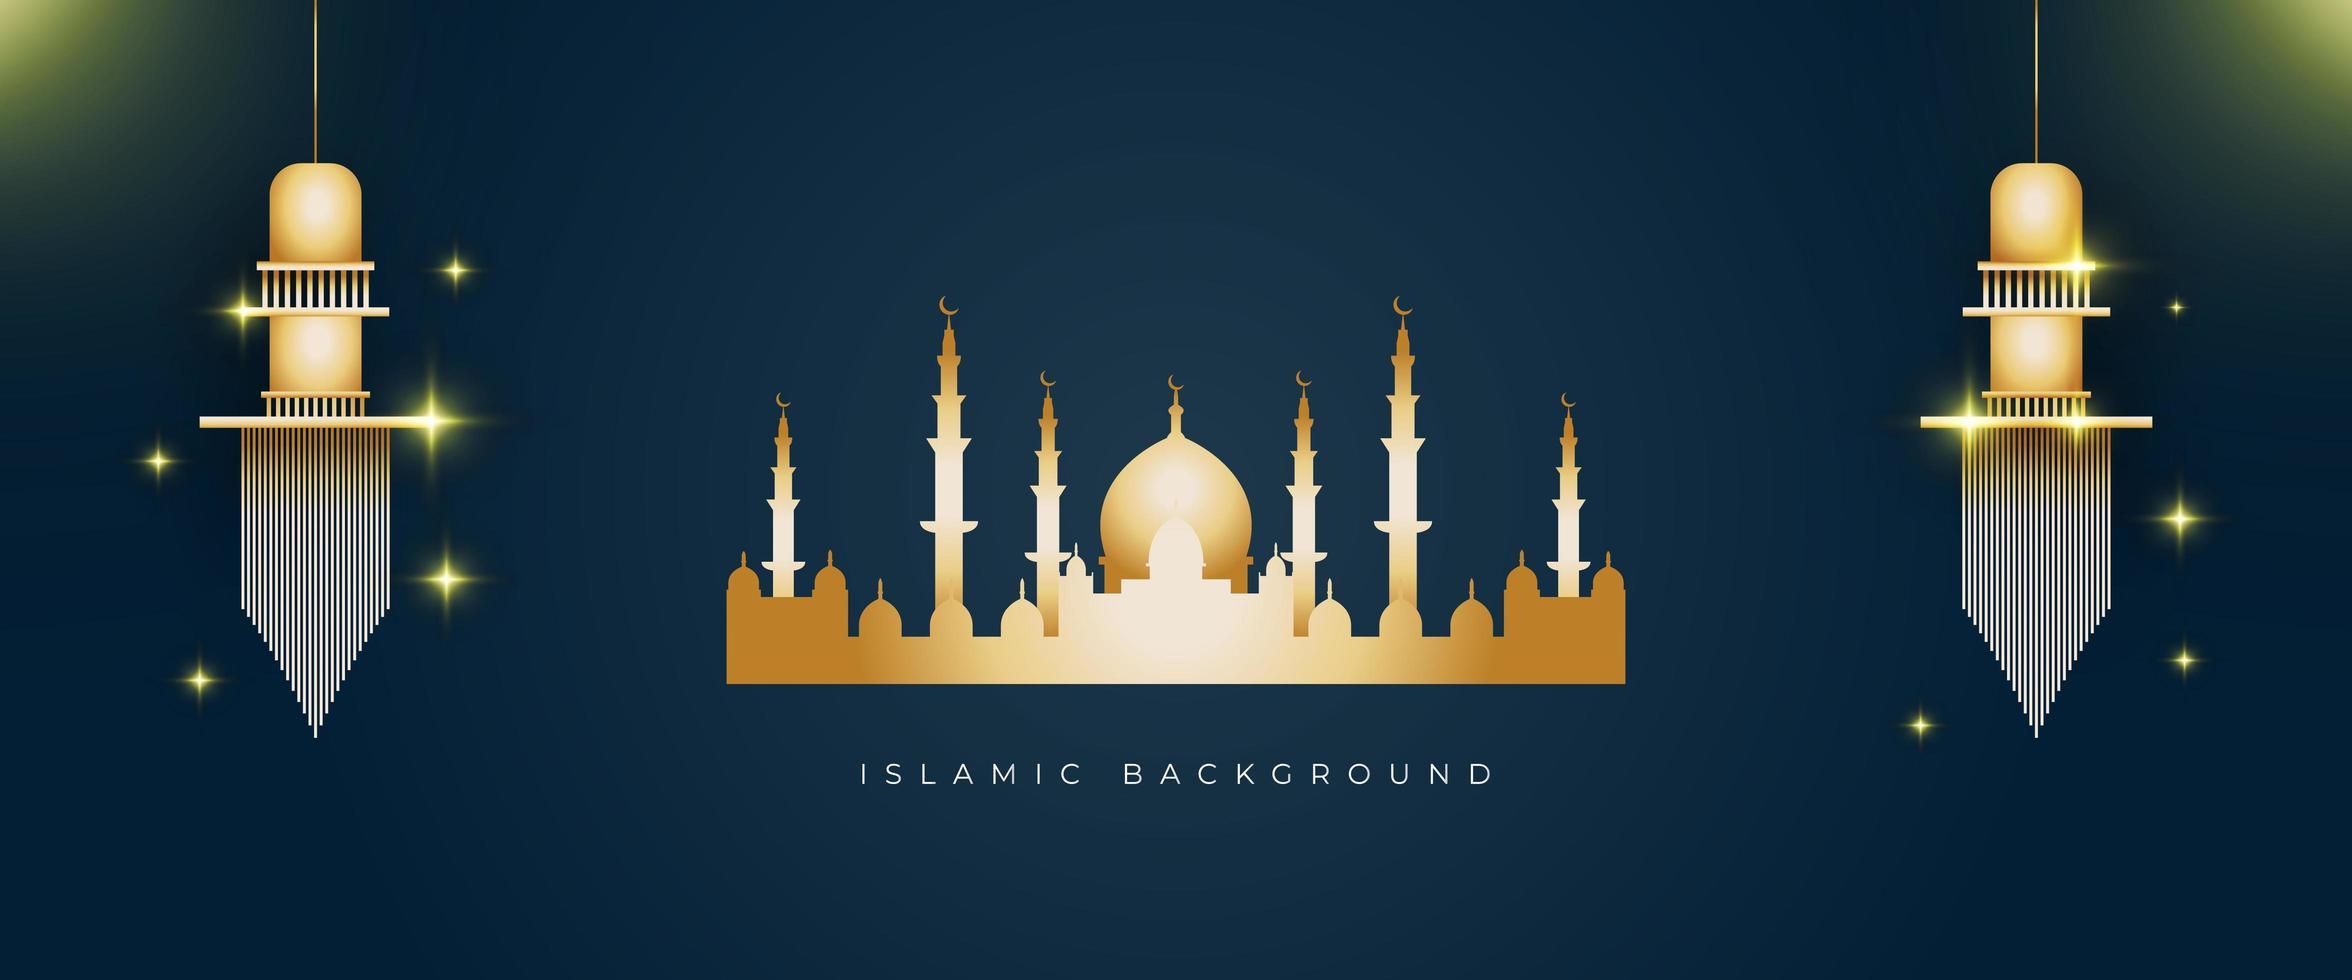 fundo islâmico com cor dourada vetor